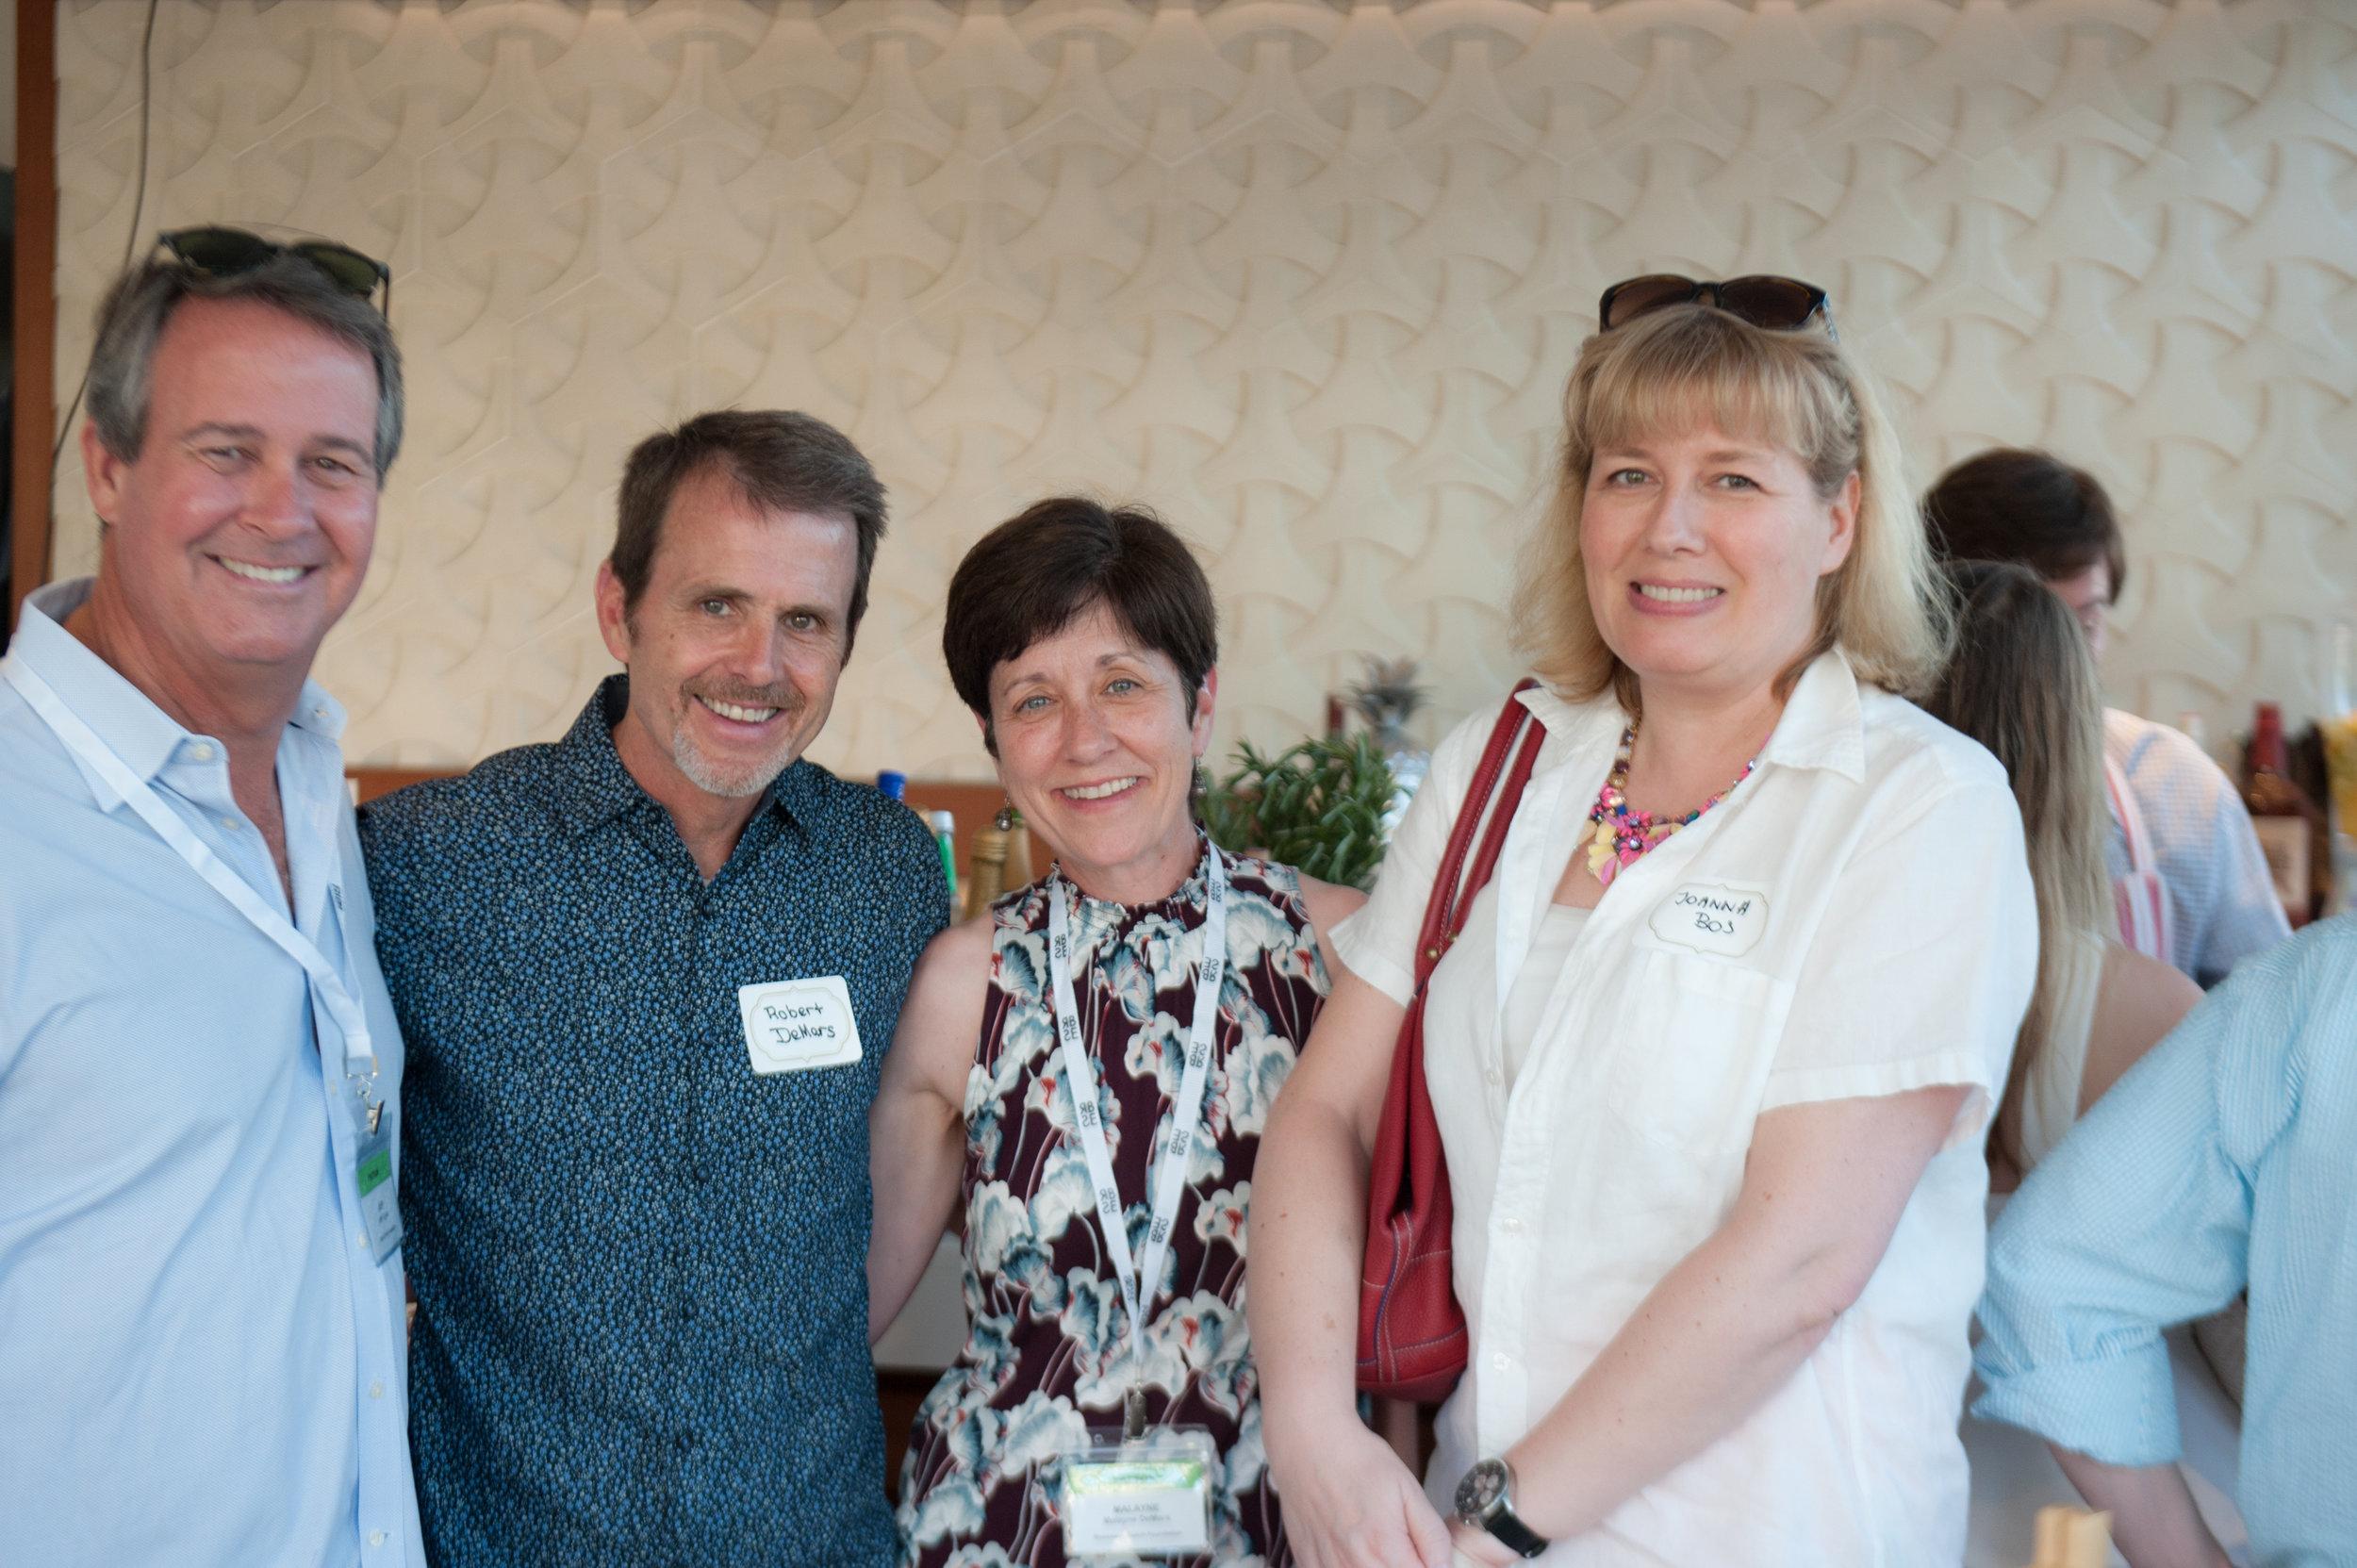 DSC_0231 Mr. Joyce, Robert, Malayne and ___.jpg